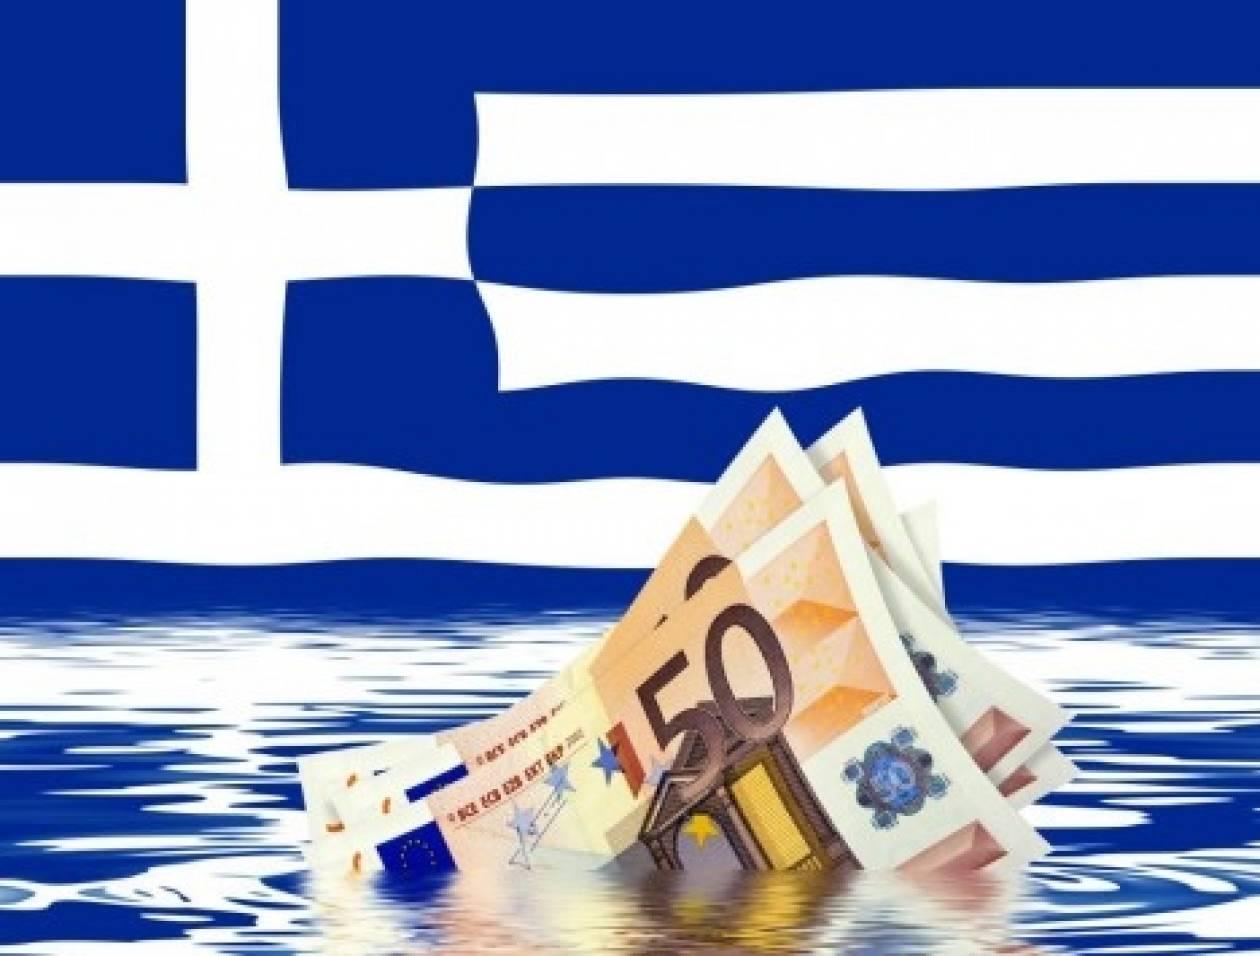 FT: Αναθεώρηση του προγράμματος για την Ελλάδα ζητάει η Βραζιλία